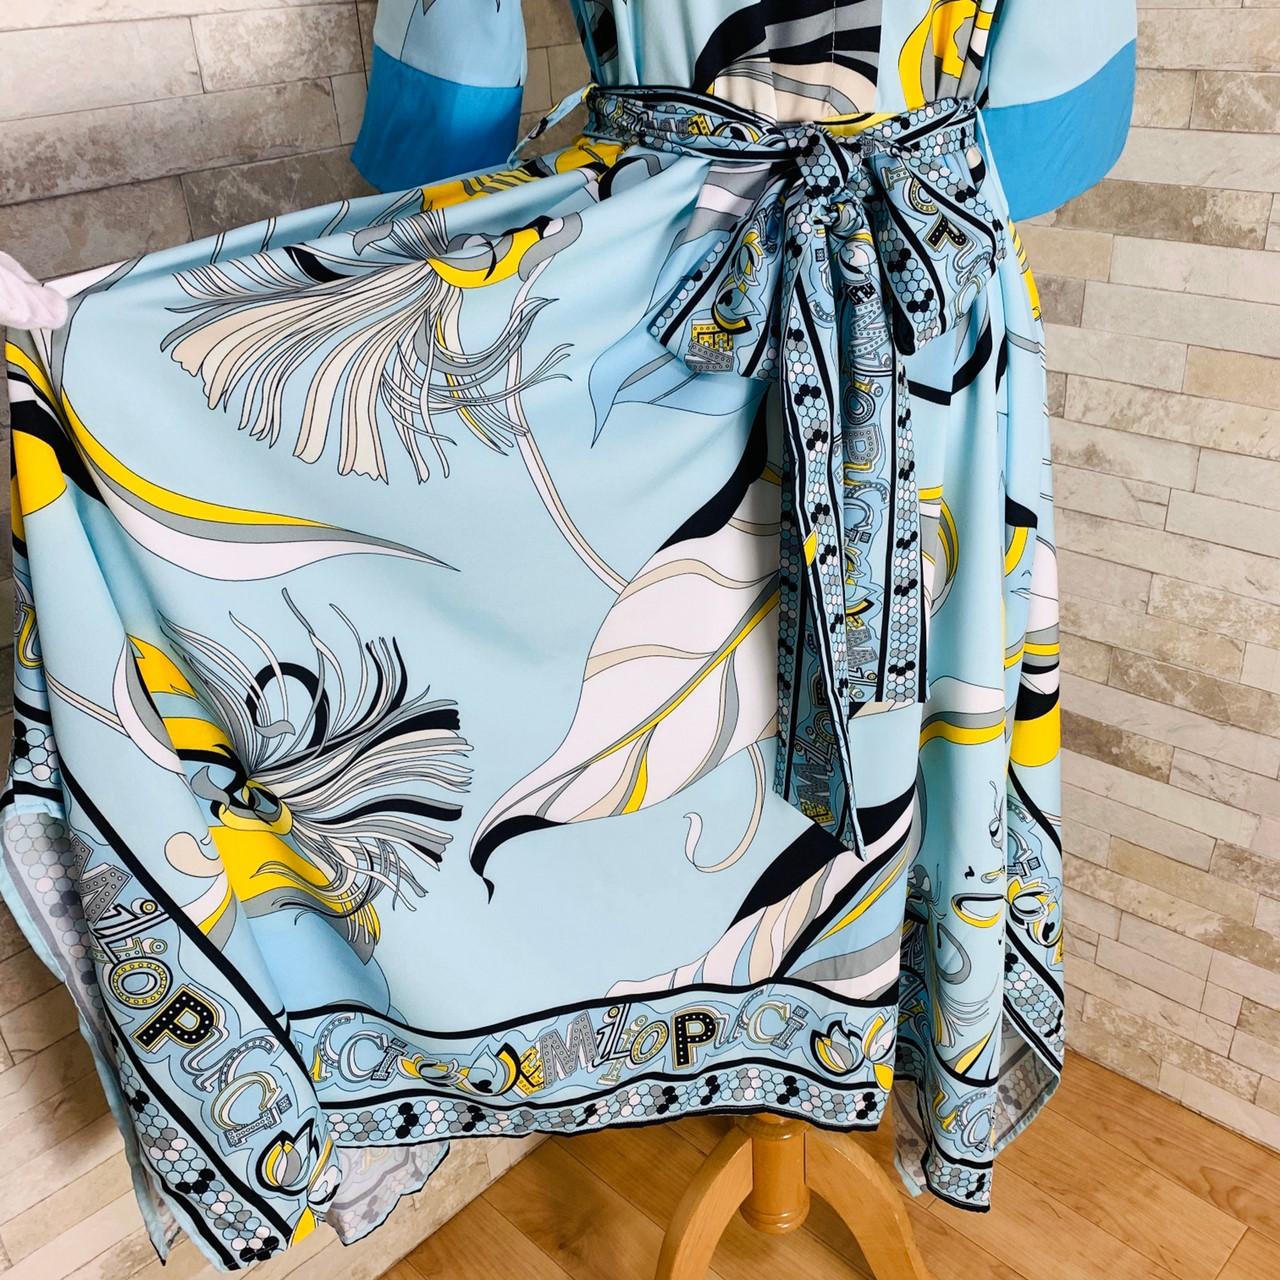 【即納】韓国 ファッション ワンピース パーティードレス ひざ丈 ミディアム 夏 春 パーティー ブライダル SPTXF023 結婚式 お呼ばれ リゾートワンピース ハワイ  二次会 セレブ きれいめの写真19枚目